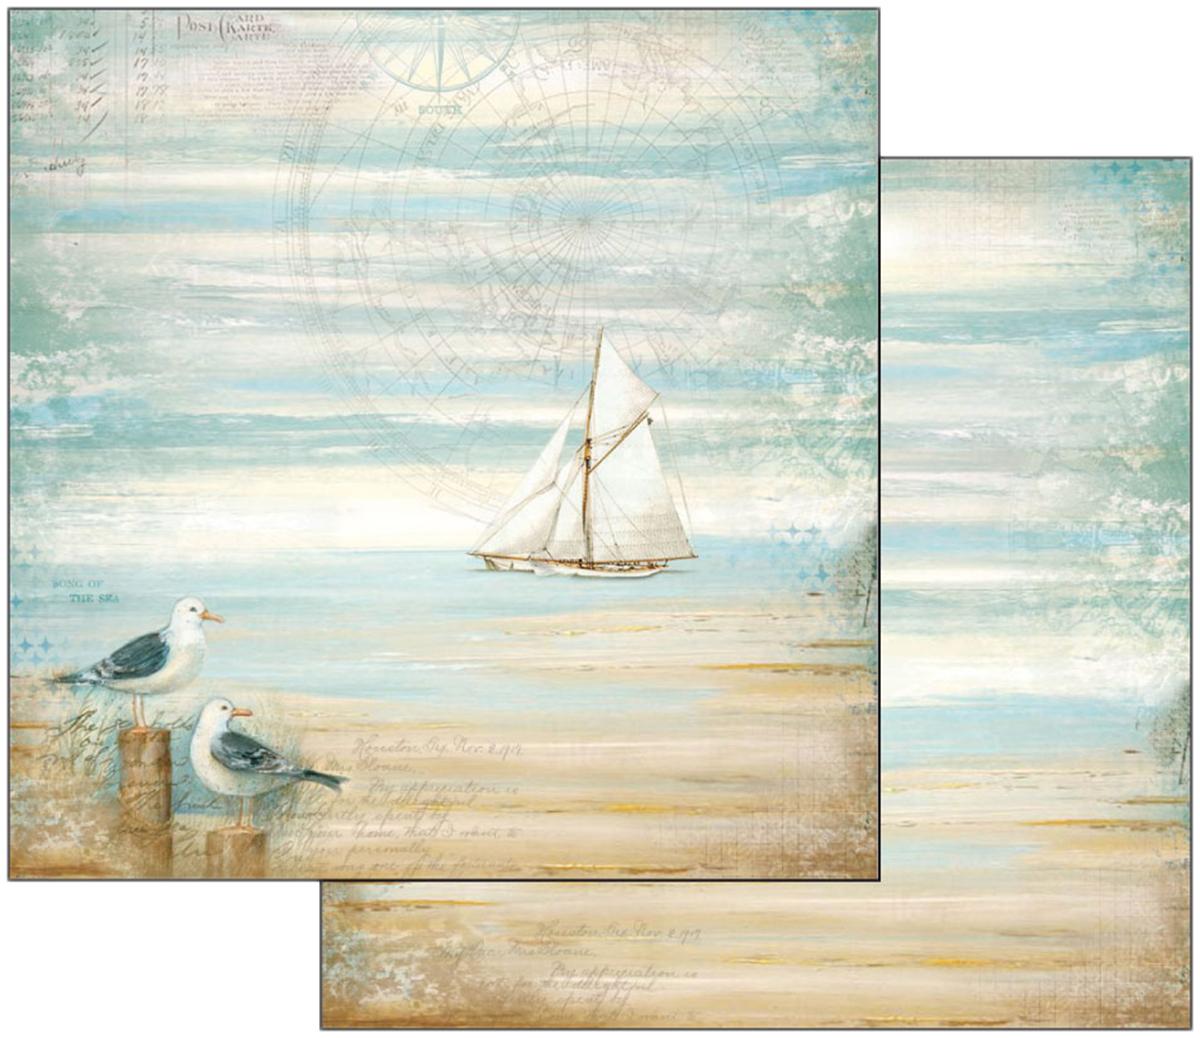 Stamperia Seagulls 12x12 paper